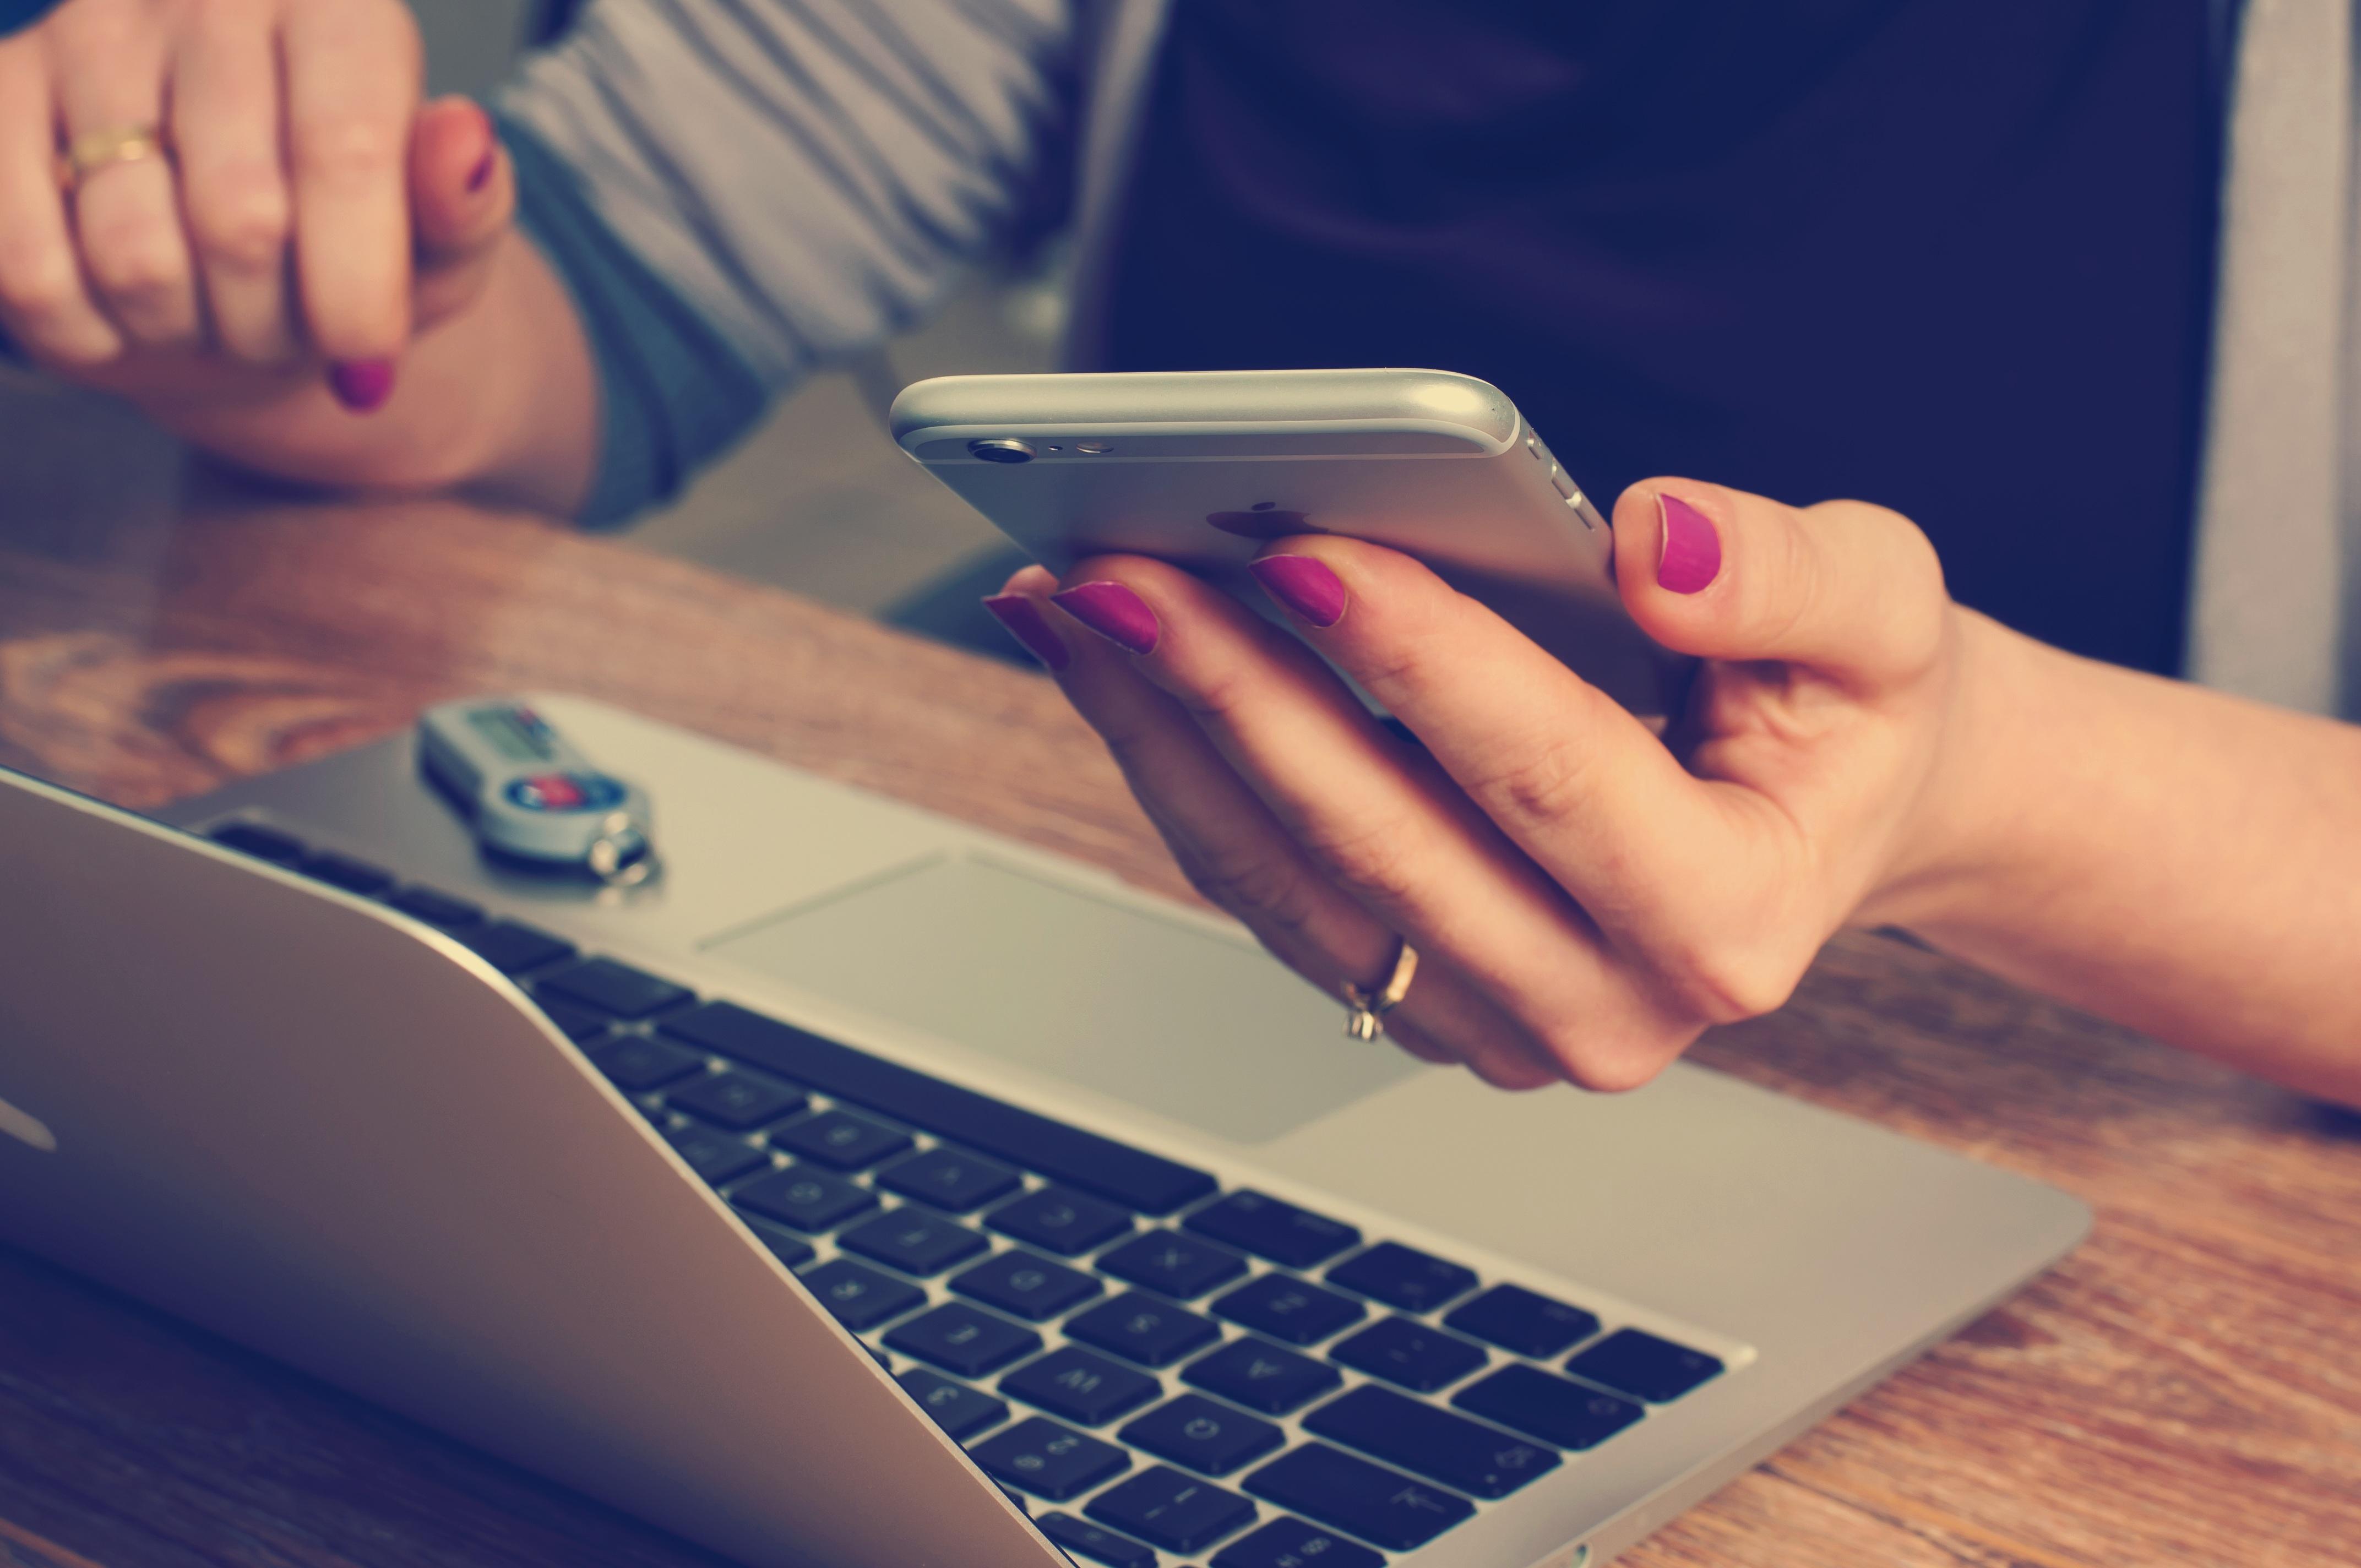 neues iPhone einrichten iTunes Anleitung